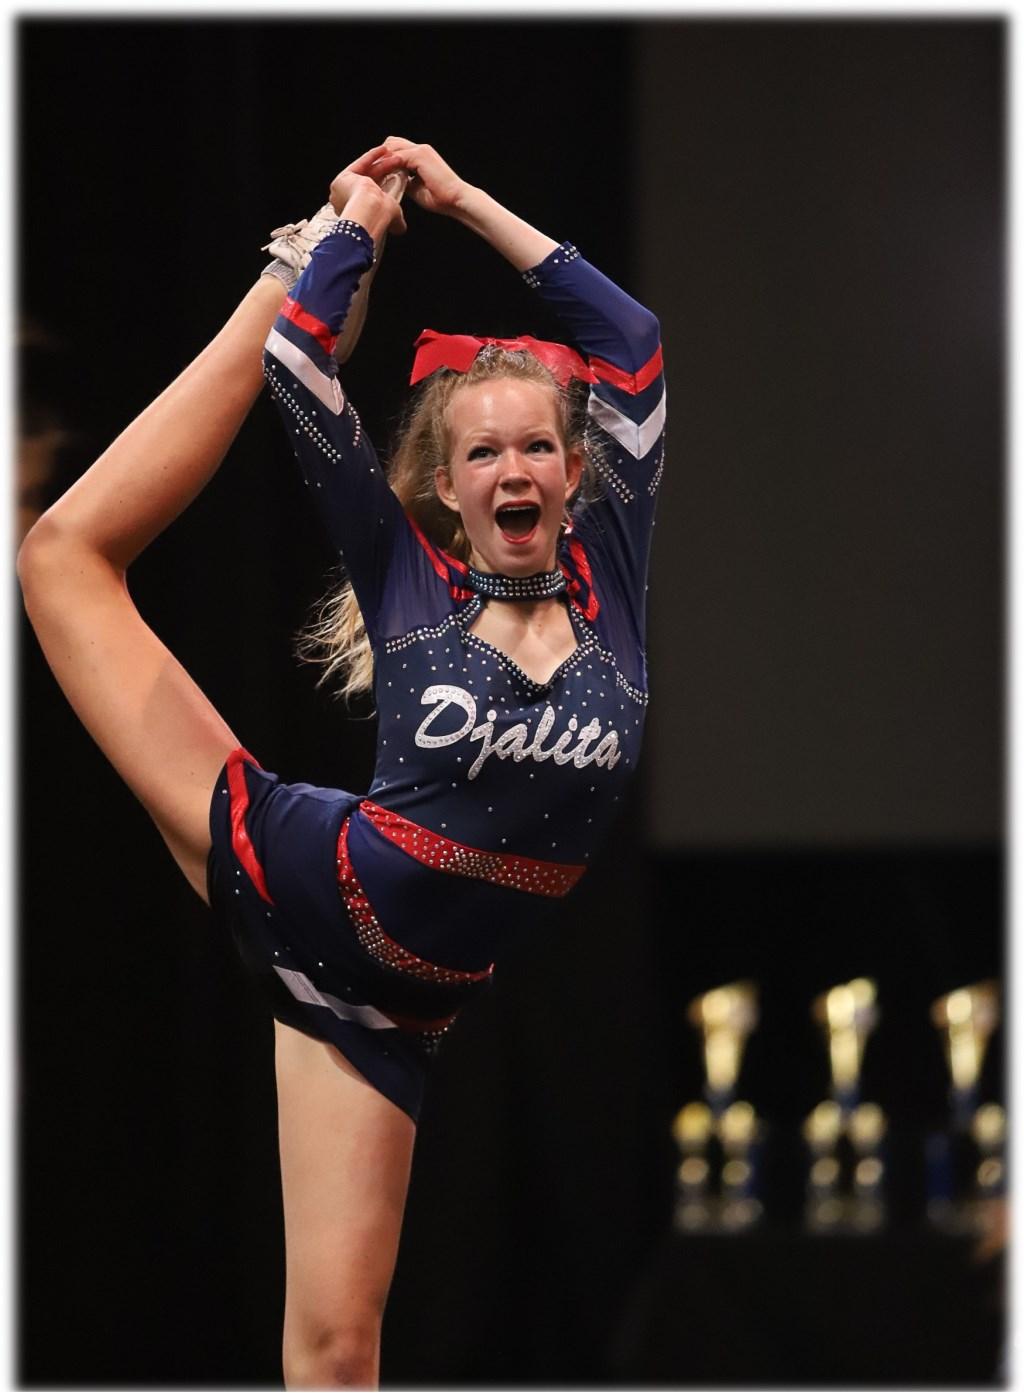 Cheerleader Demi in actie Foto: CCVA © DPG Media